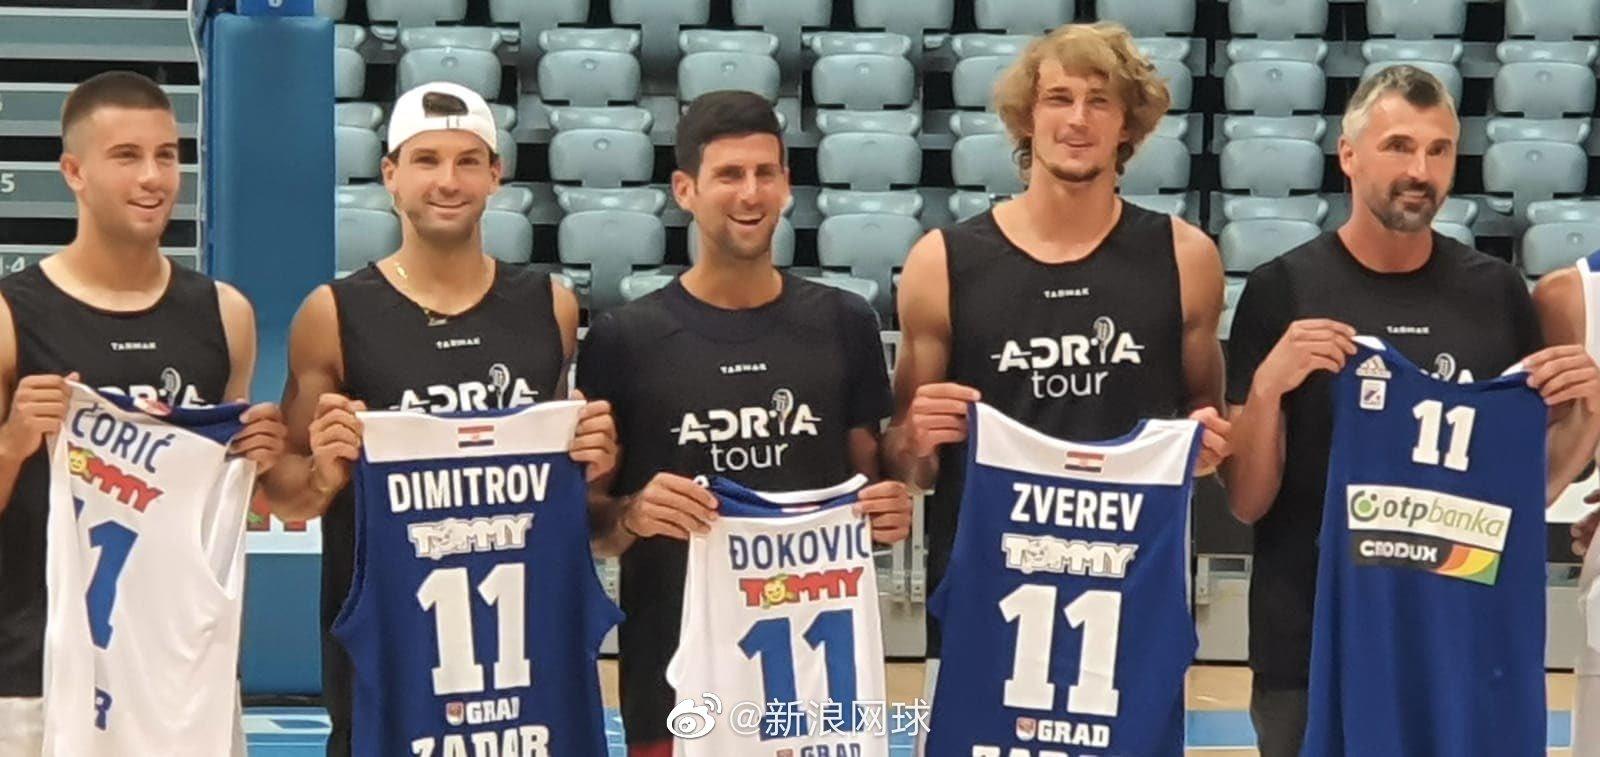 小德、迪米特洛夫、兹维列夫、丘里奇在克罗地亚扎达尔参加篮球赛